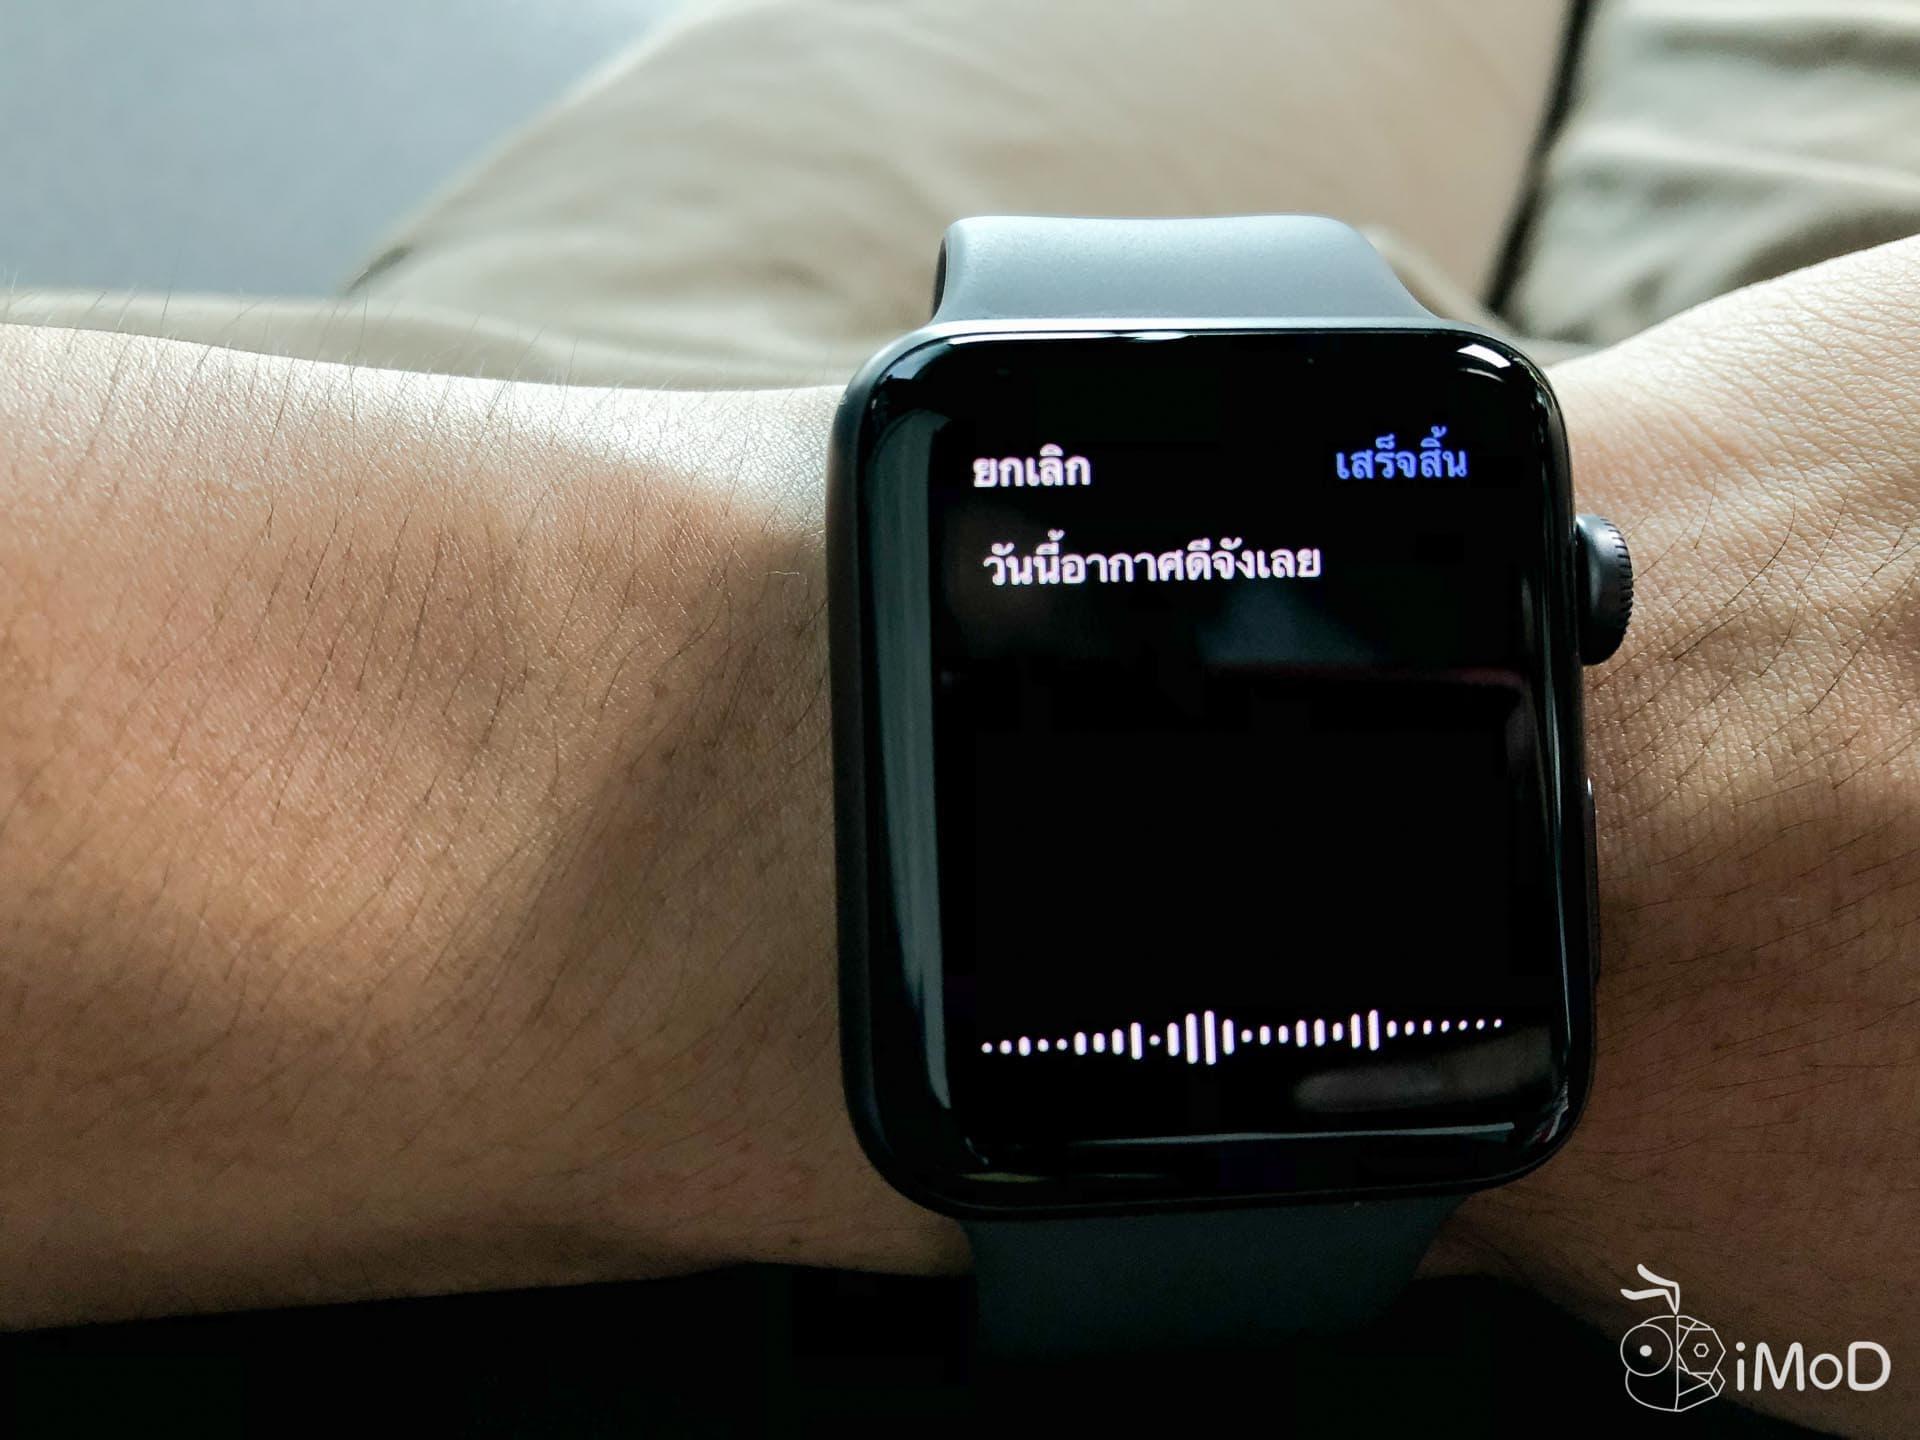 Littlebook Faecbook Apple Watch 1